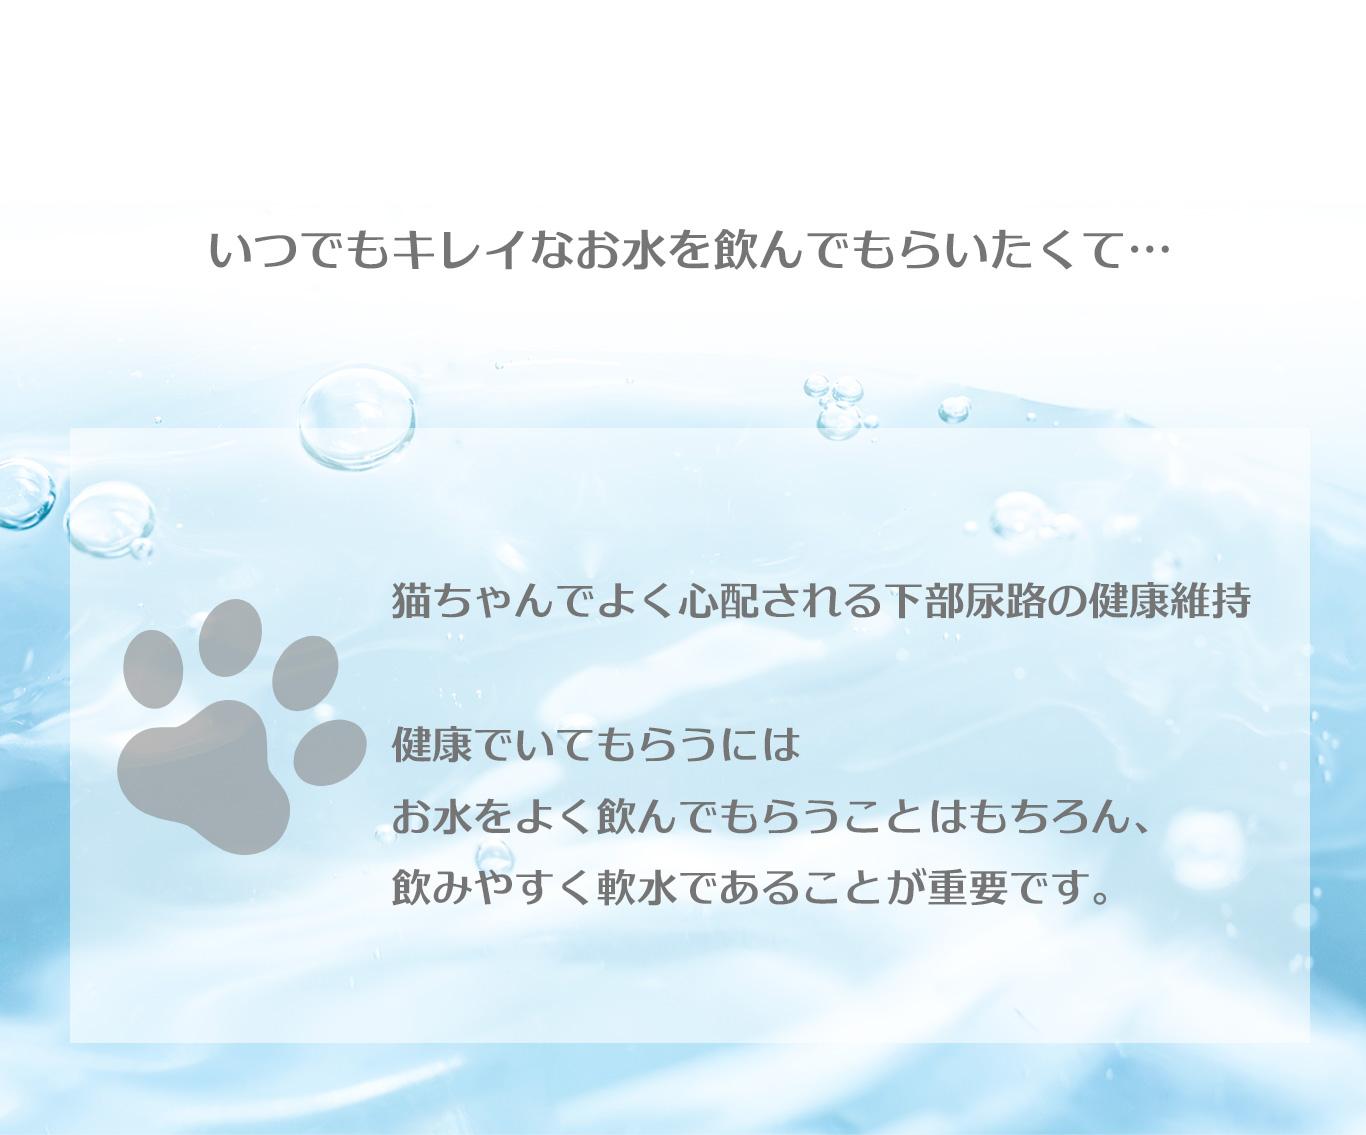 「いつでもキレイなお水を飲んでもらいたくて…。」 猫ちゃんでよく心配される下部尿路の健康維持。 健康でいてもらうには、お水をよく飲んでもらうことはもちろん、飲みやすく軟水であることが重要です。